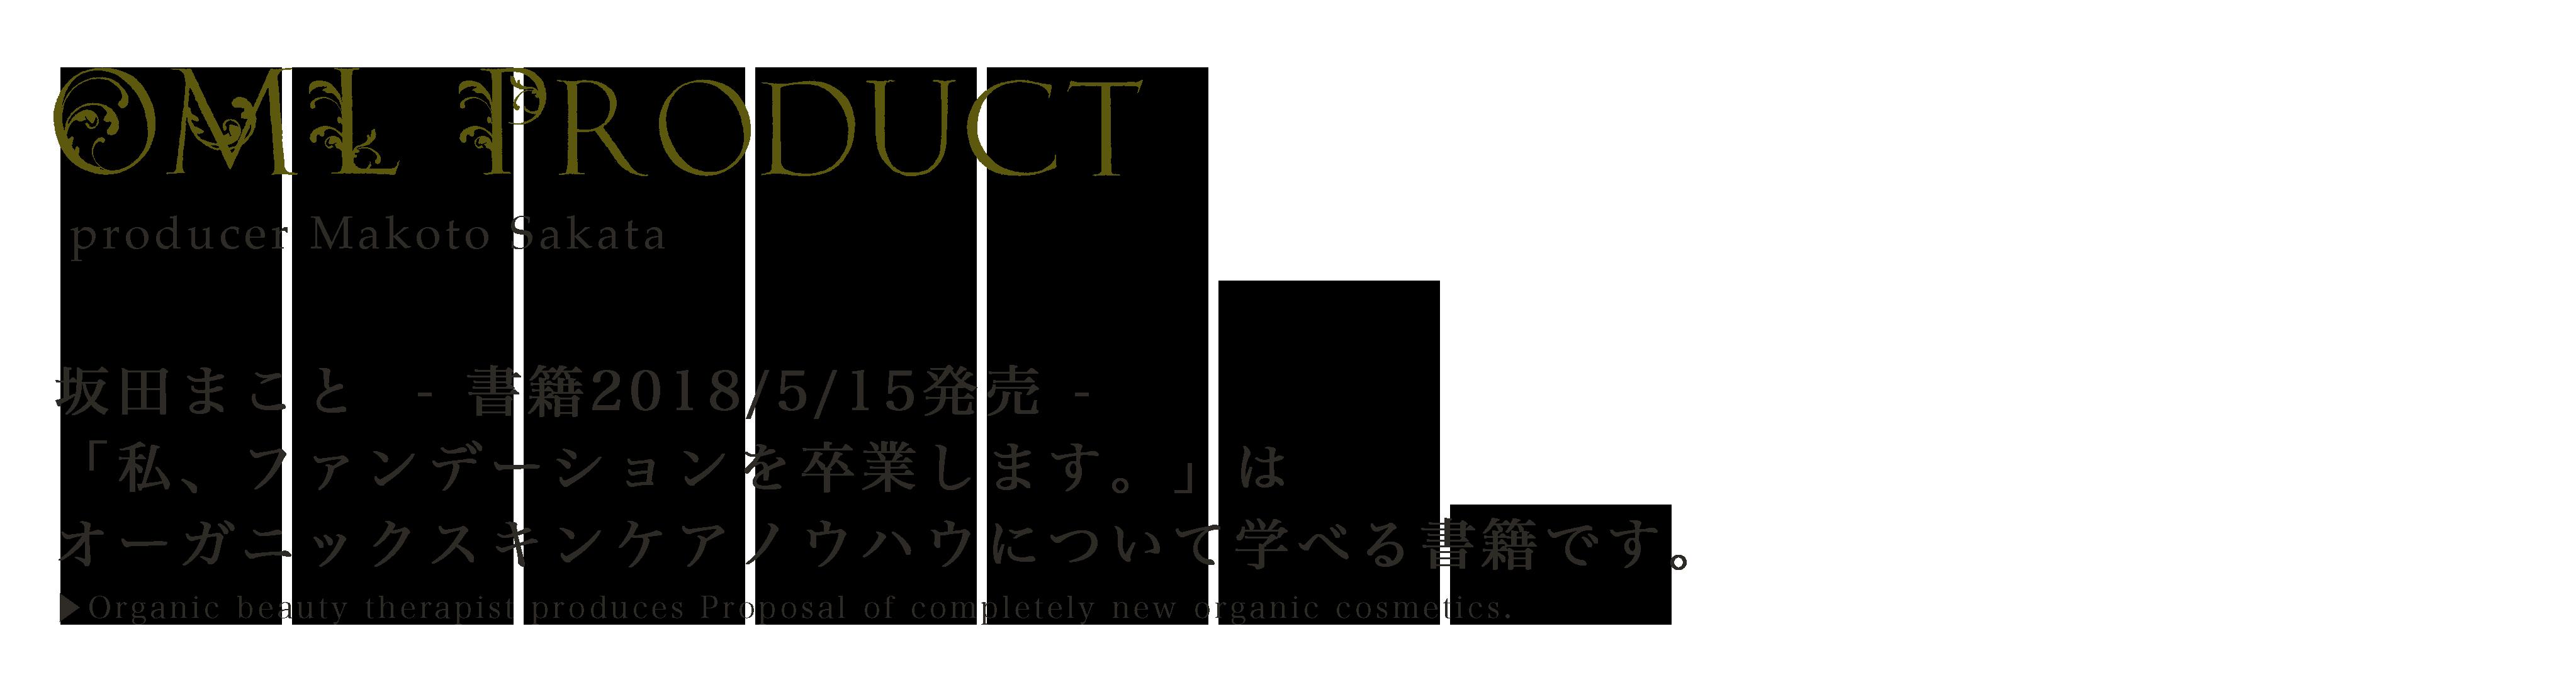 OML Product 坂田まこと 書籍